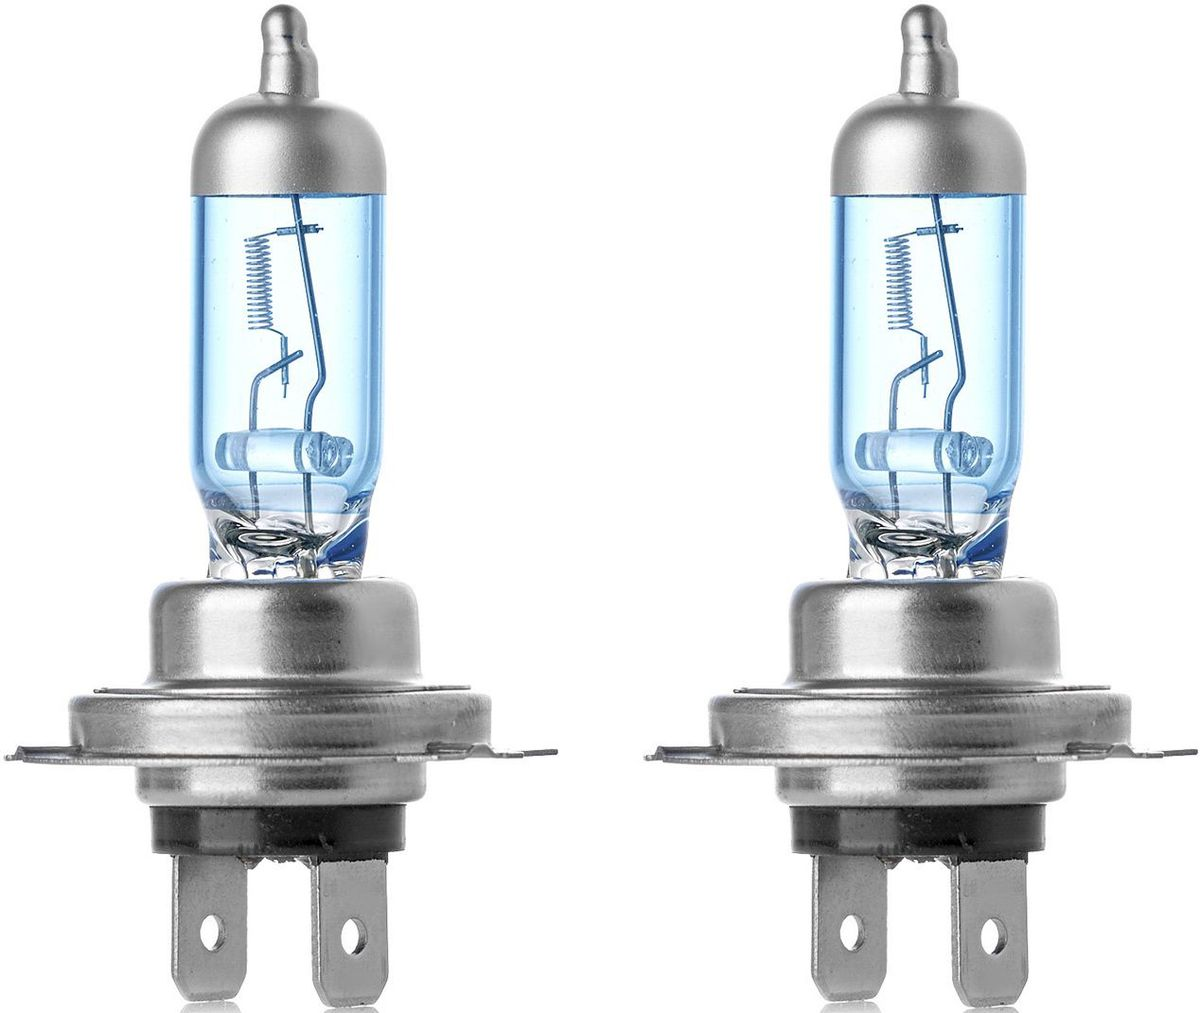 """Лампа автомобильная галогенная Clearlight """"WhiteLight"""", цоколь Н7, 12V, 55W, 2 шт"""